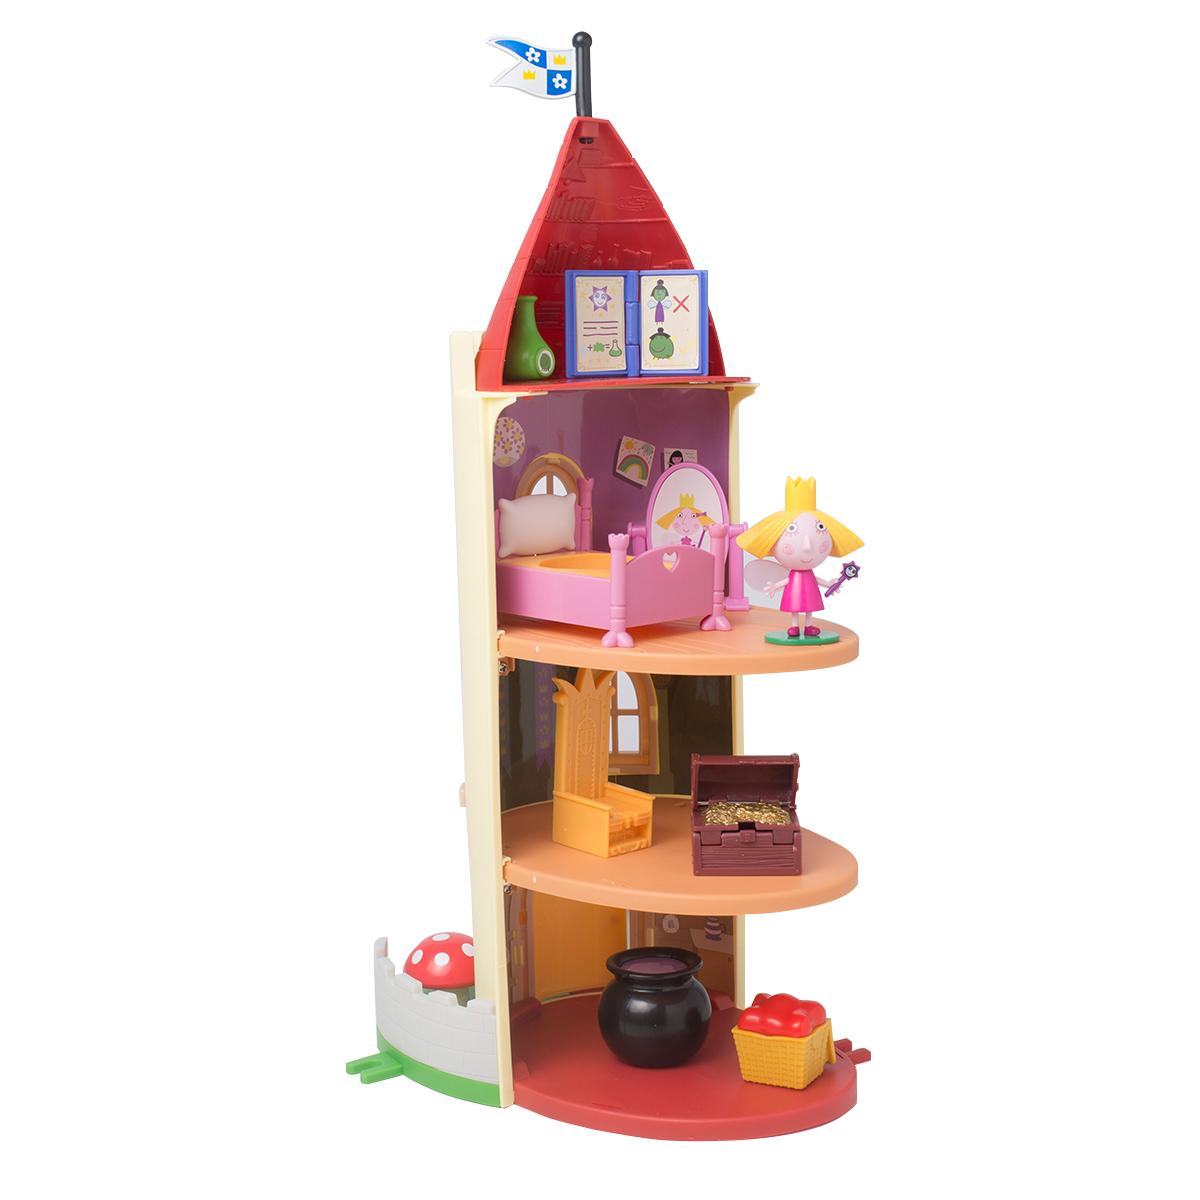 Игровой набор - Замок Холли ТМ B&amp;HМаленькое королевство Бена и Холли<br>Игровой набор - Замок Холли ТМ B&amp;H<br>